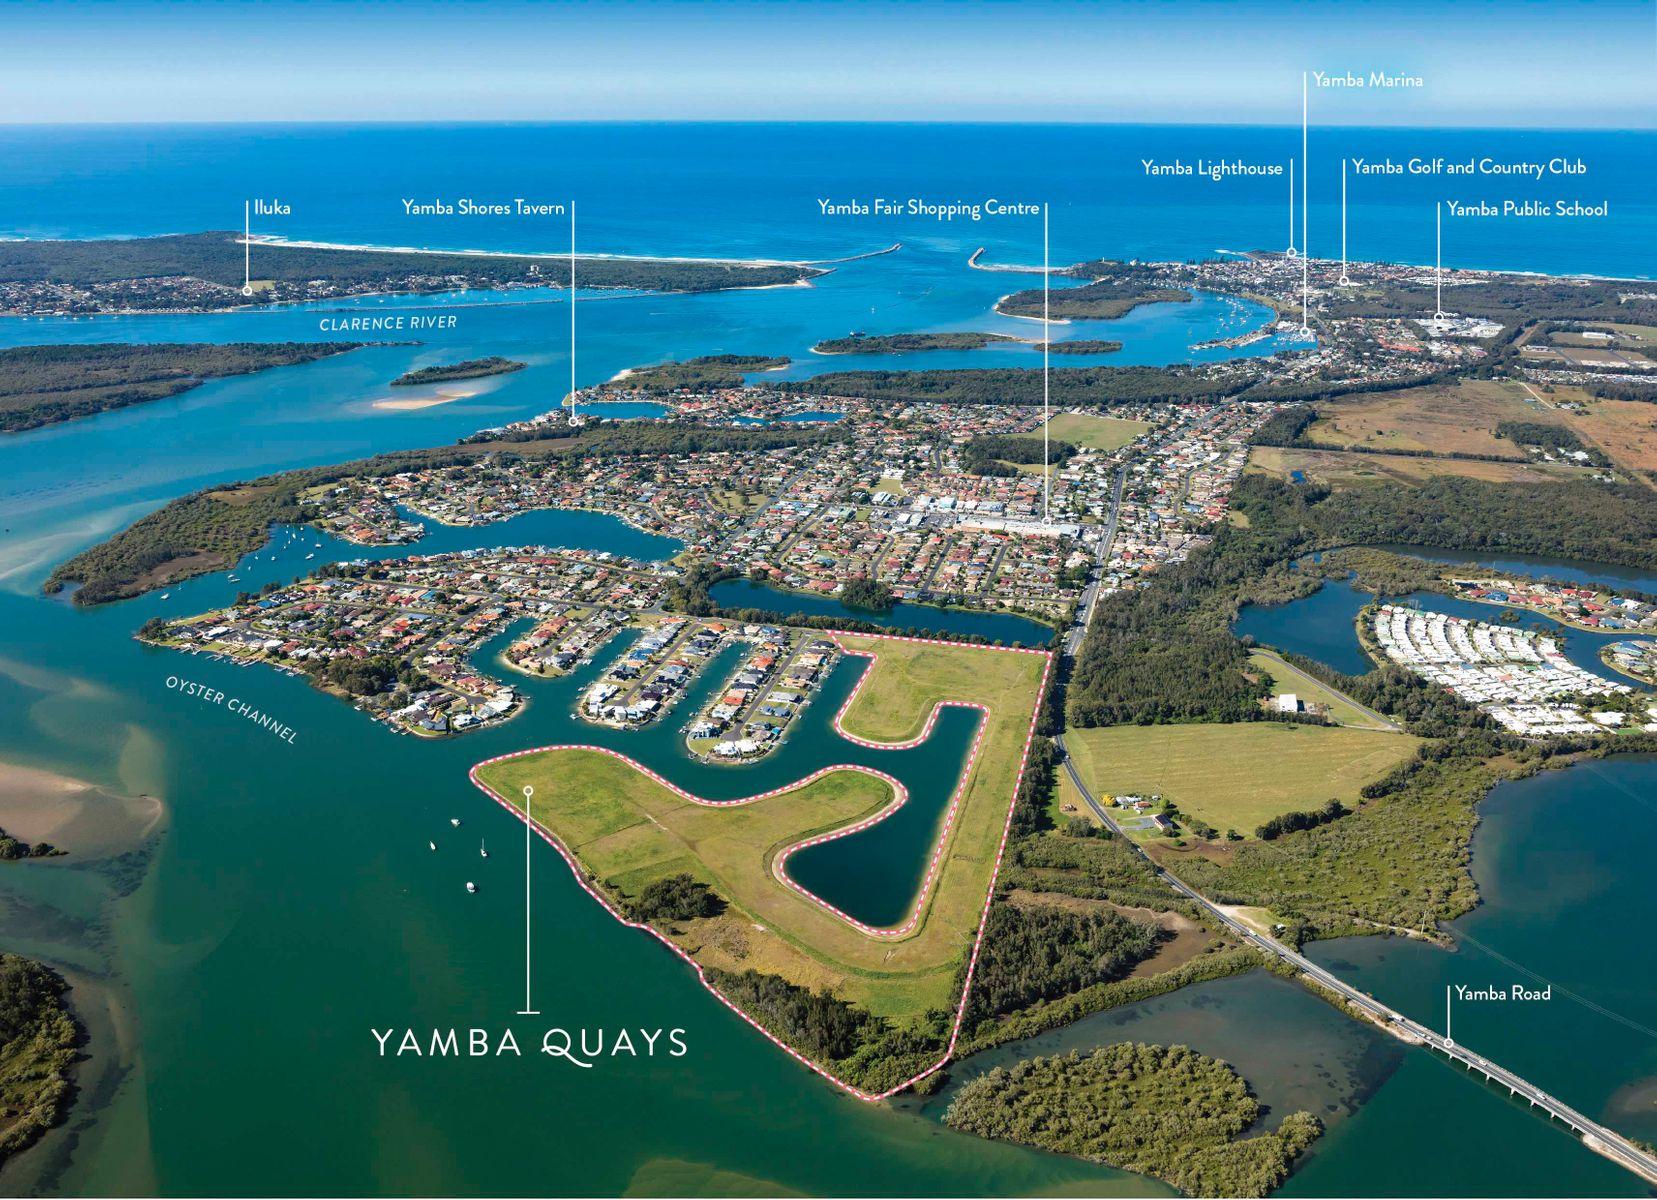 Lot 117 Flloyd Court, Yamba Quays, Yamba, NSW 2464